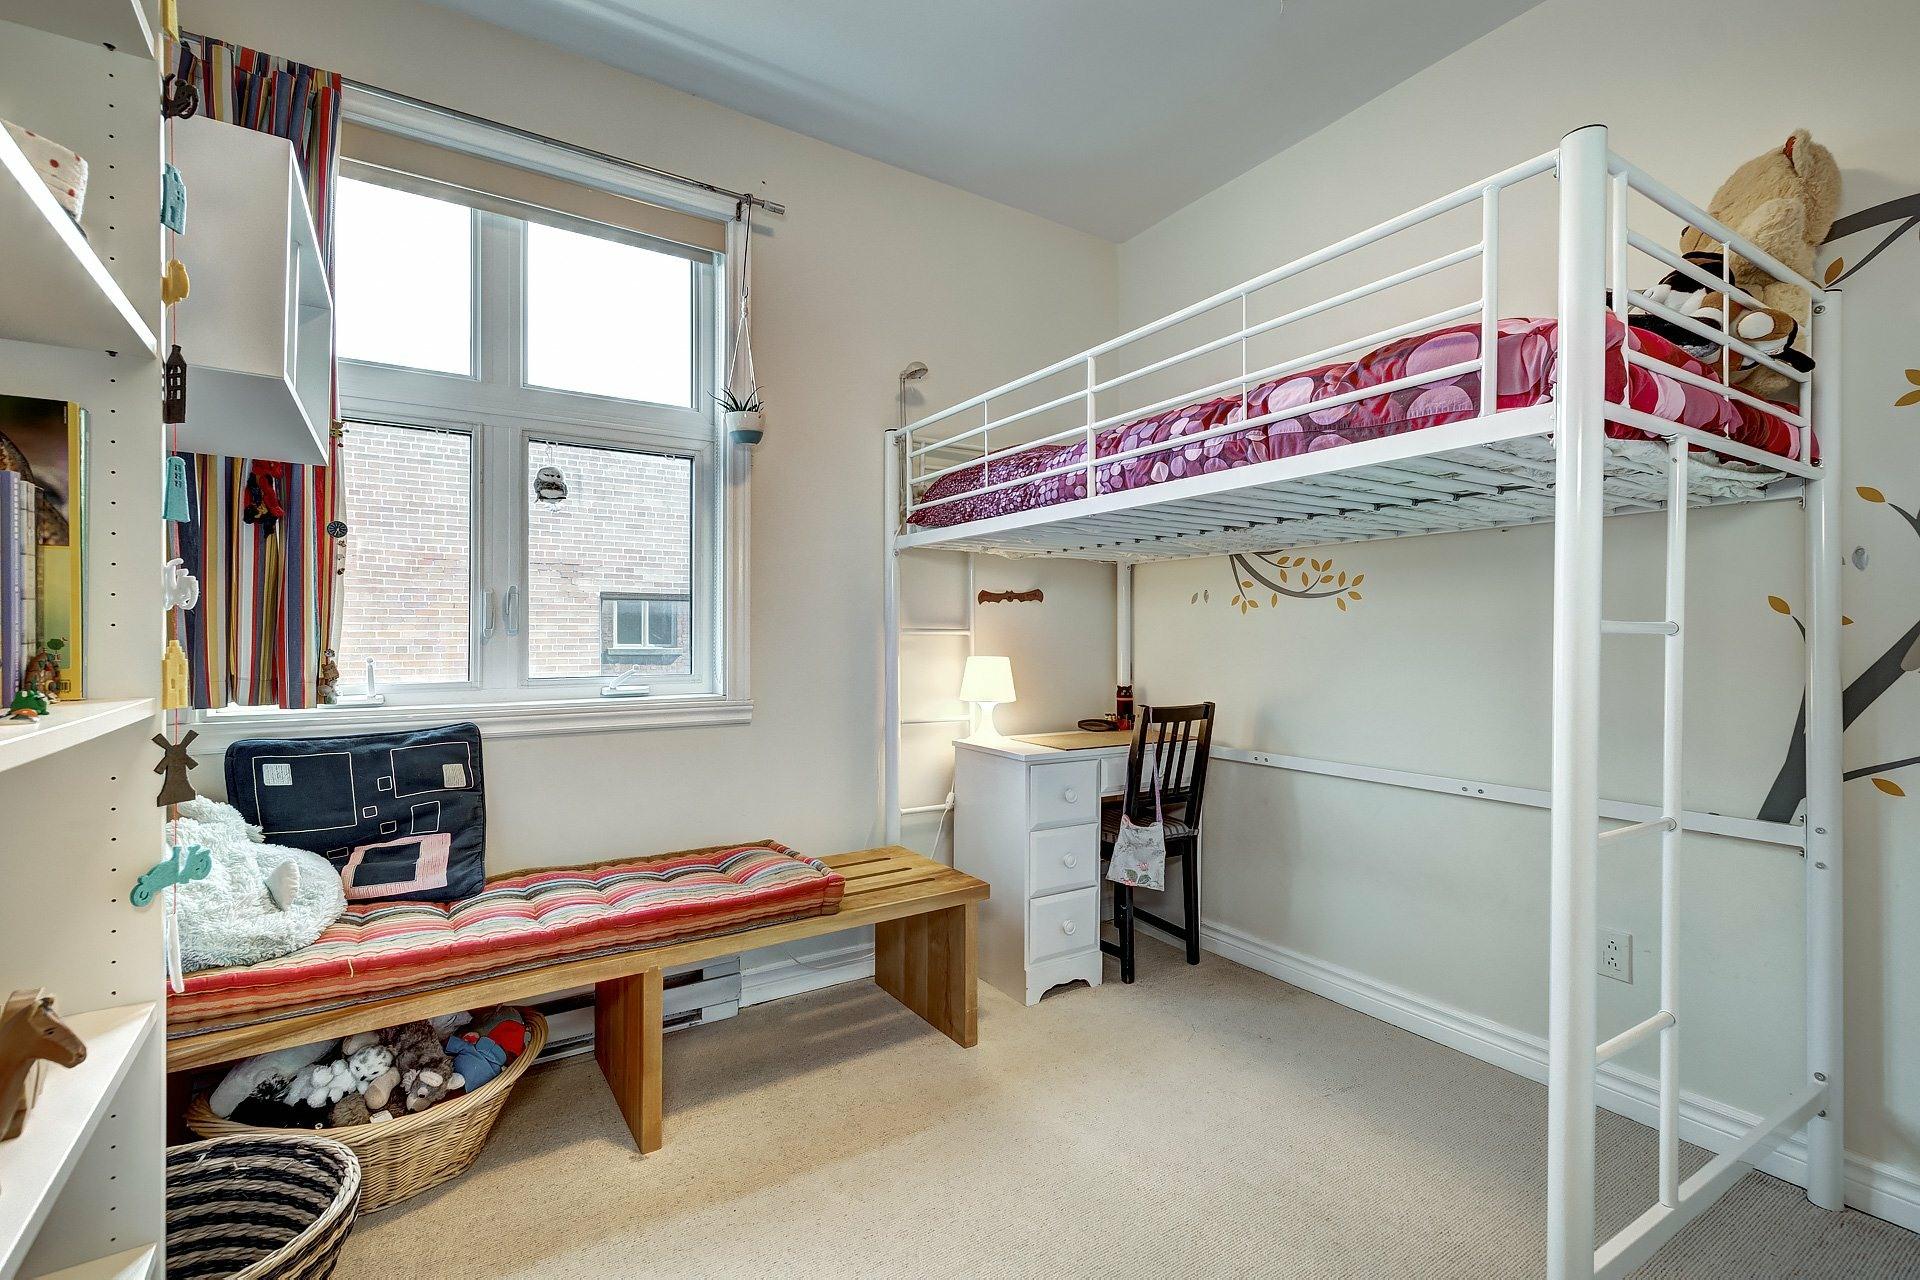 image 3 - Appartement À vendre Outremont Montréal  - 6 pièces